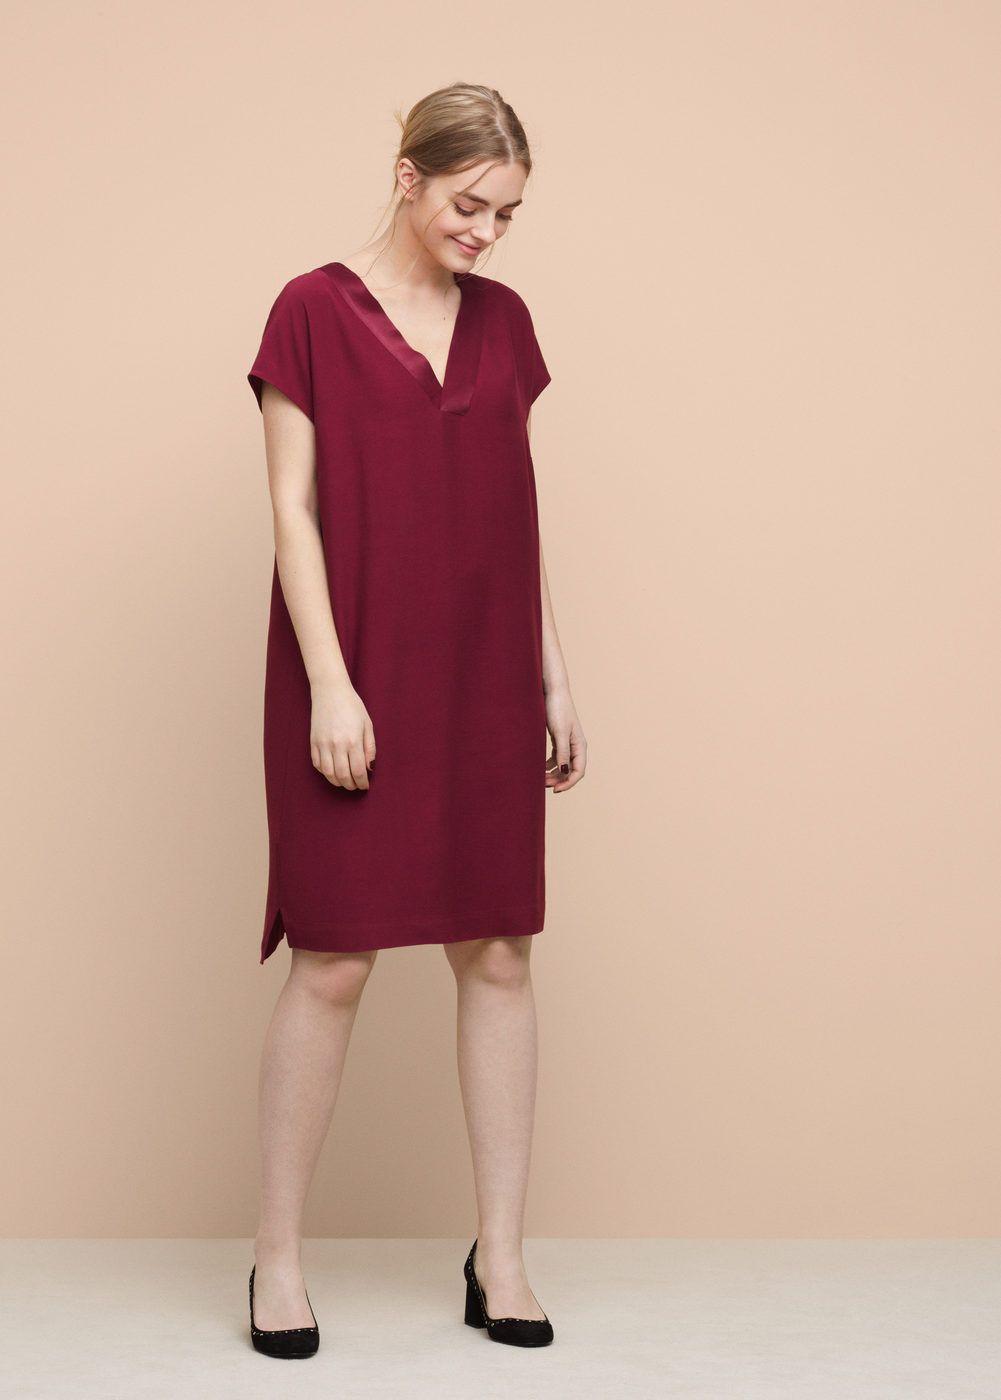 Vestido recto textura - Tallas grandes 7681902f1de